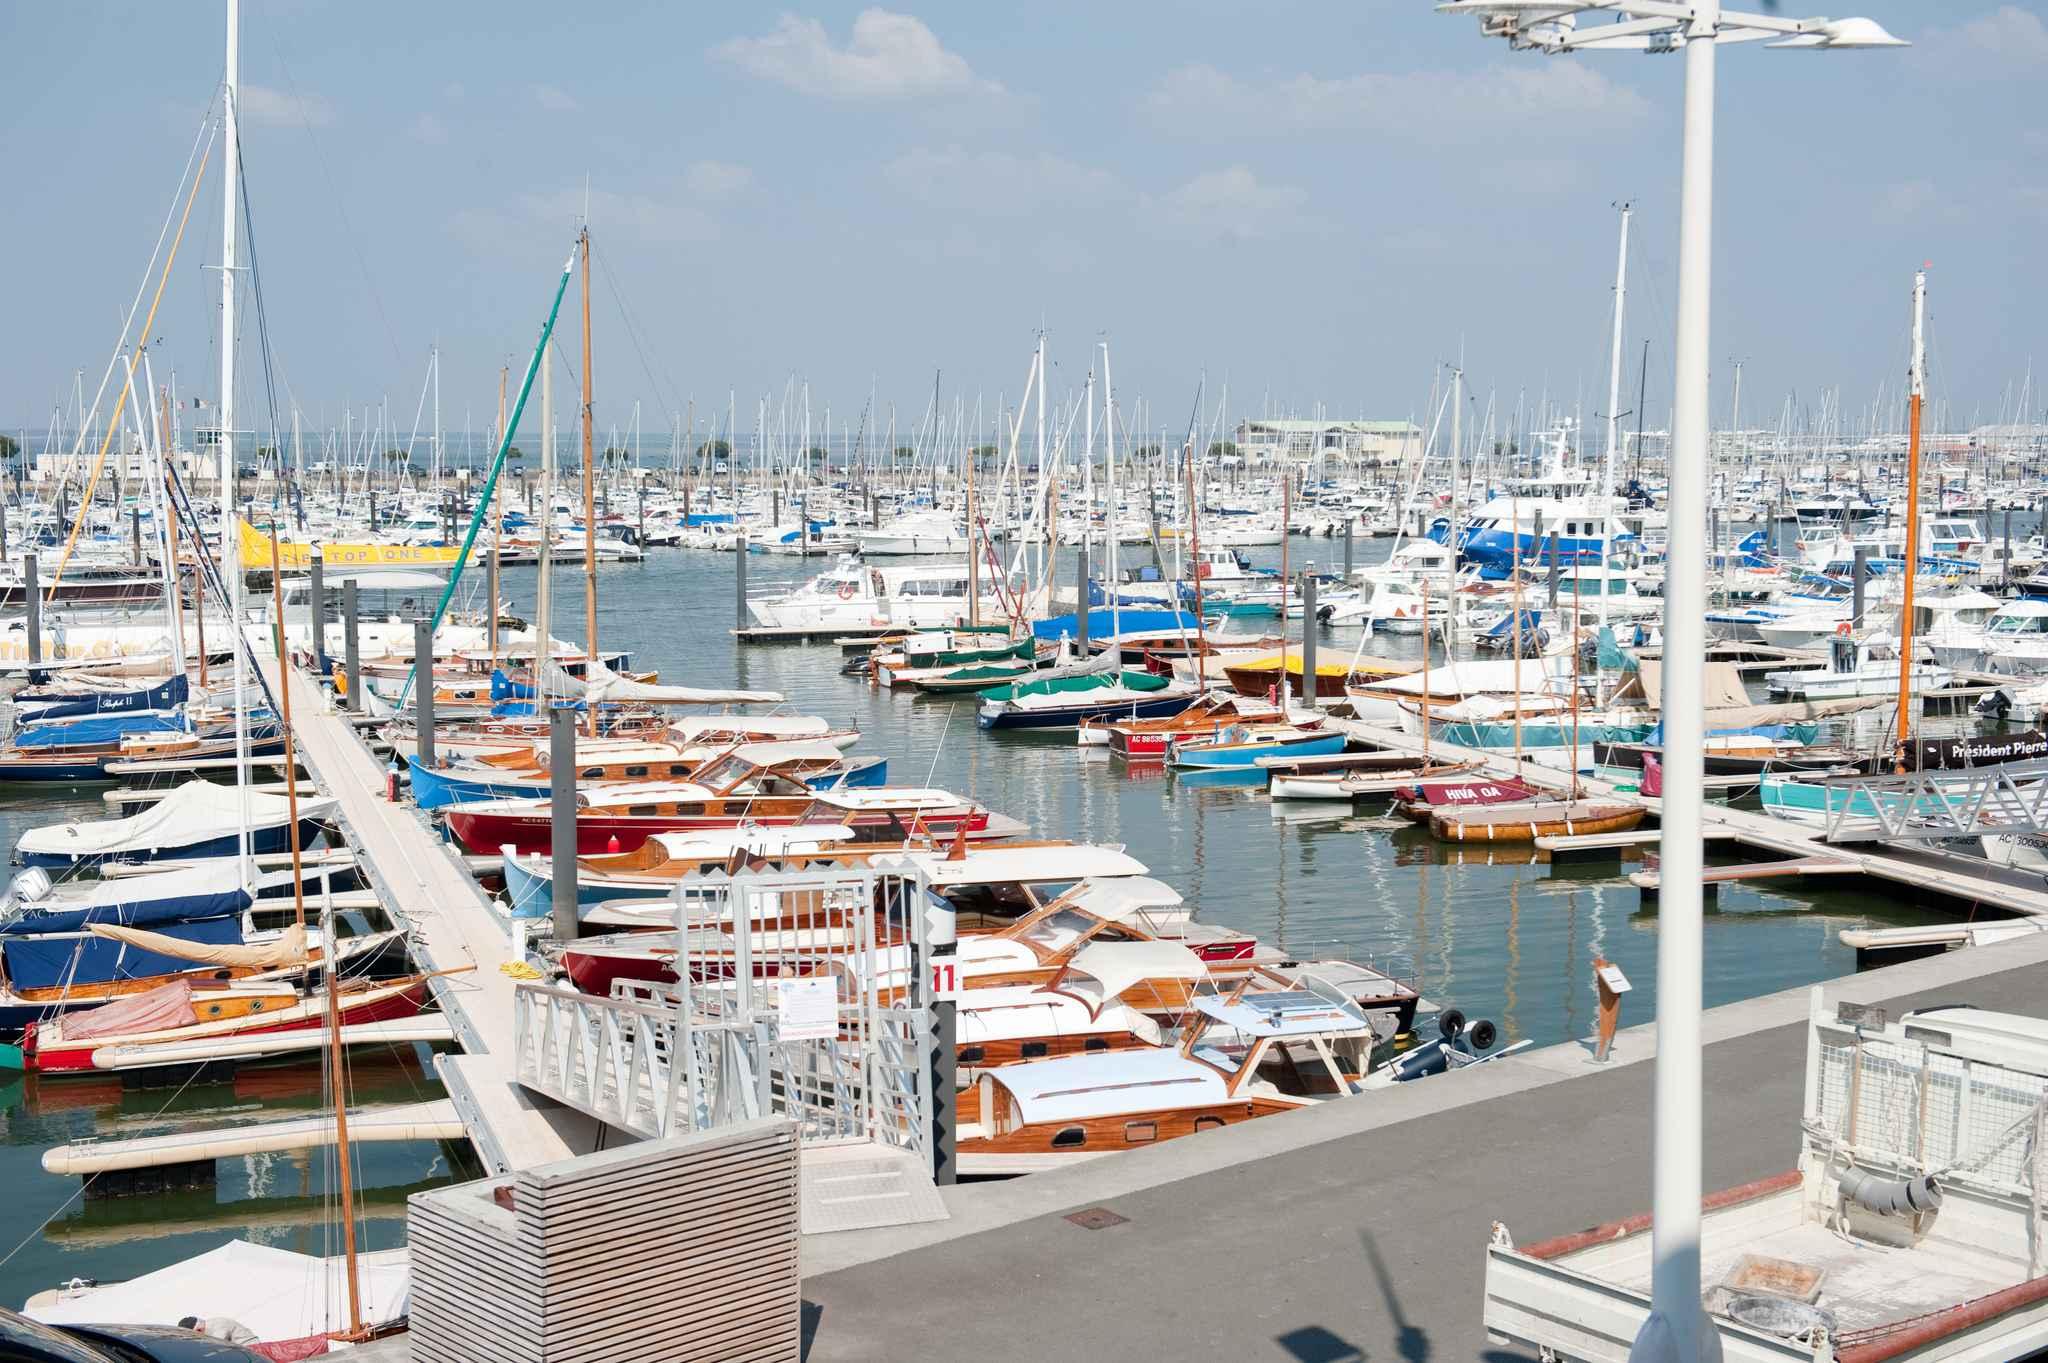 Gironde le port d 39 arcachon en guerre contre la location de bateaux entre particuliers - Restaurant arcachon port de plaisance ...